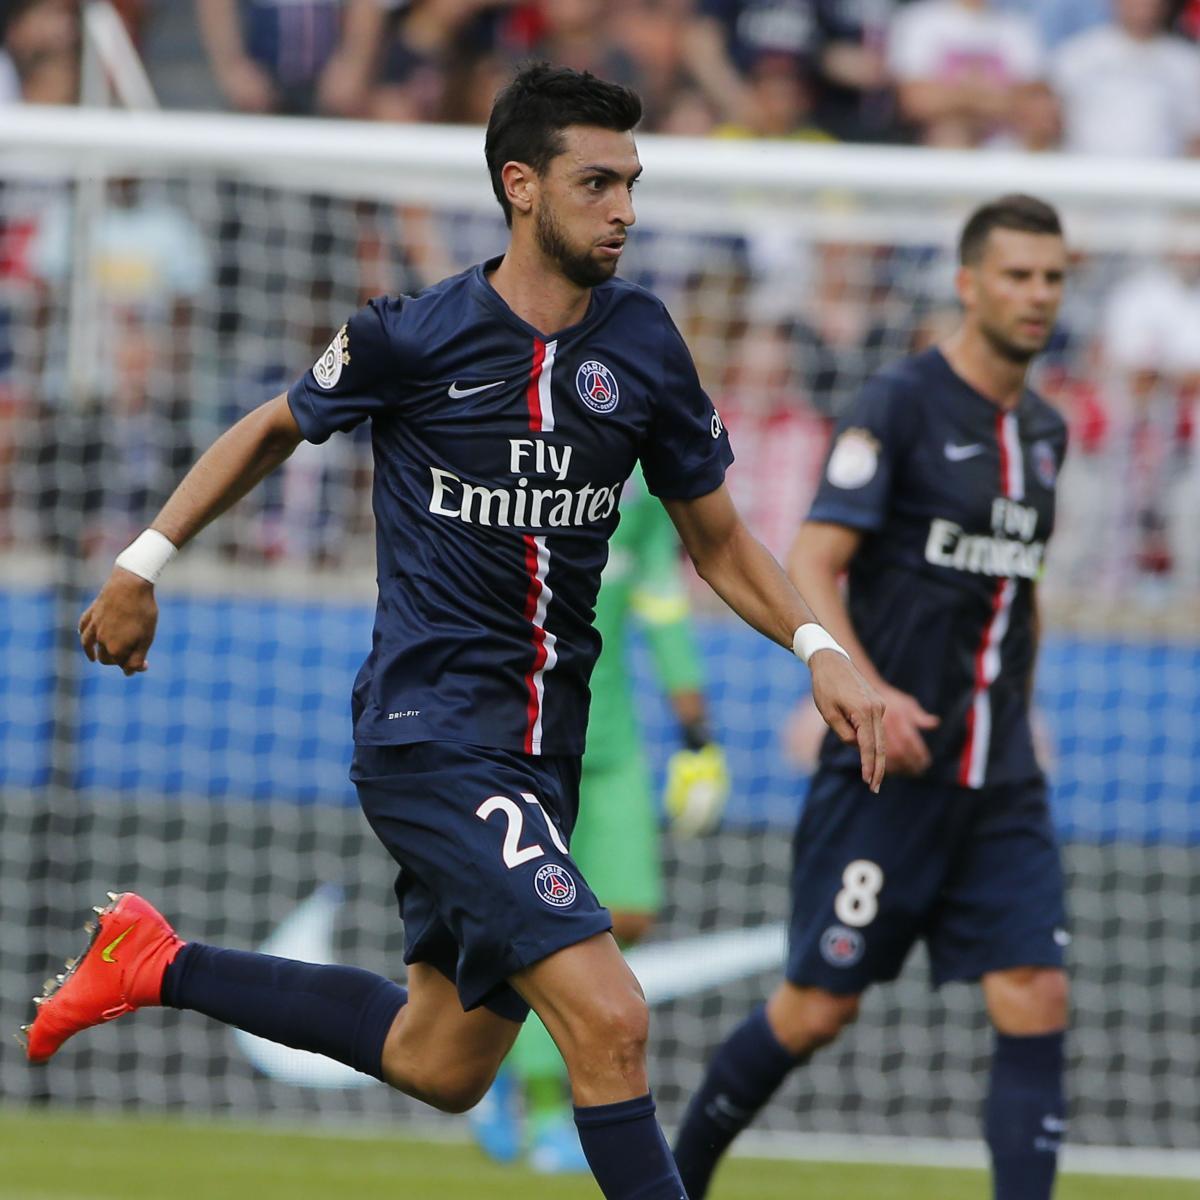 Javier Pastore: Areas Where Paris Saint-Germain's Javier Pastore Can